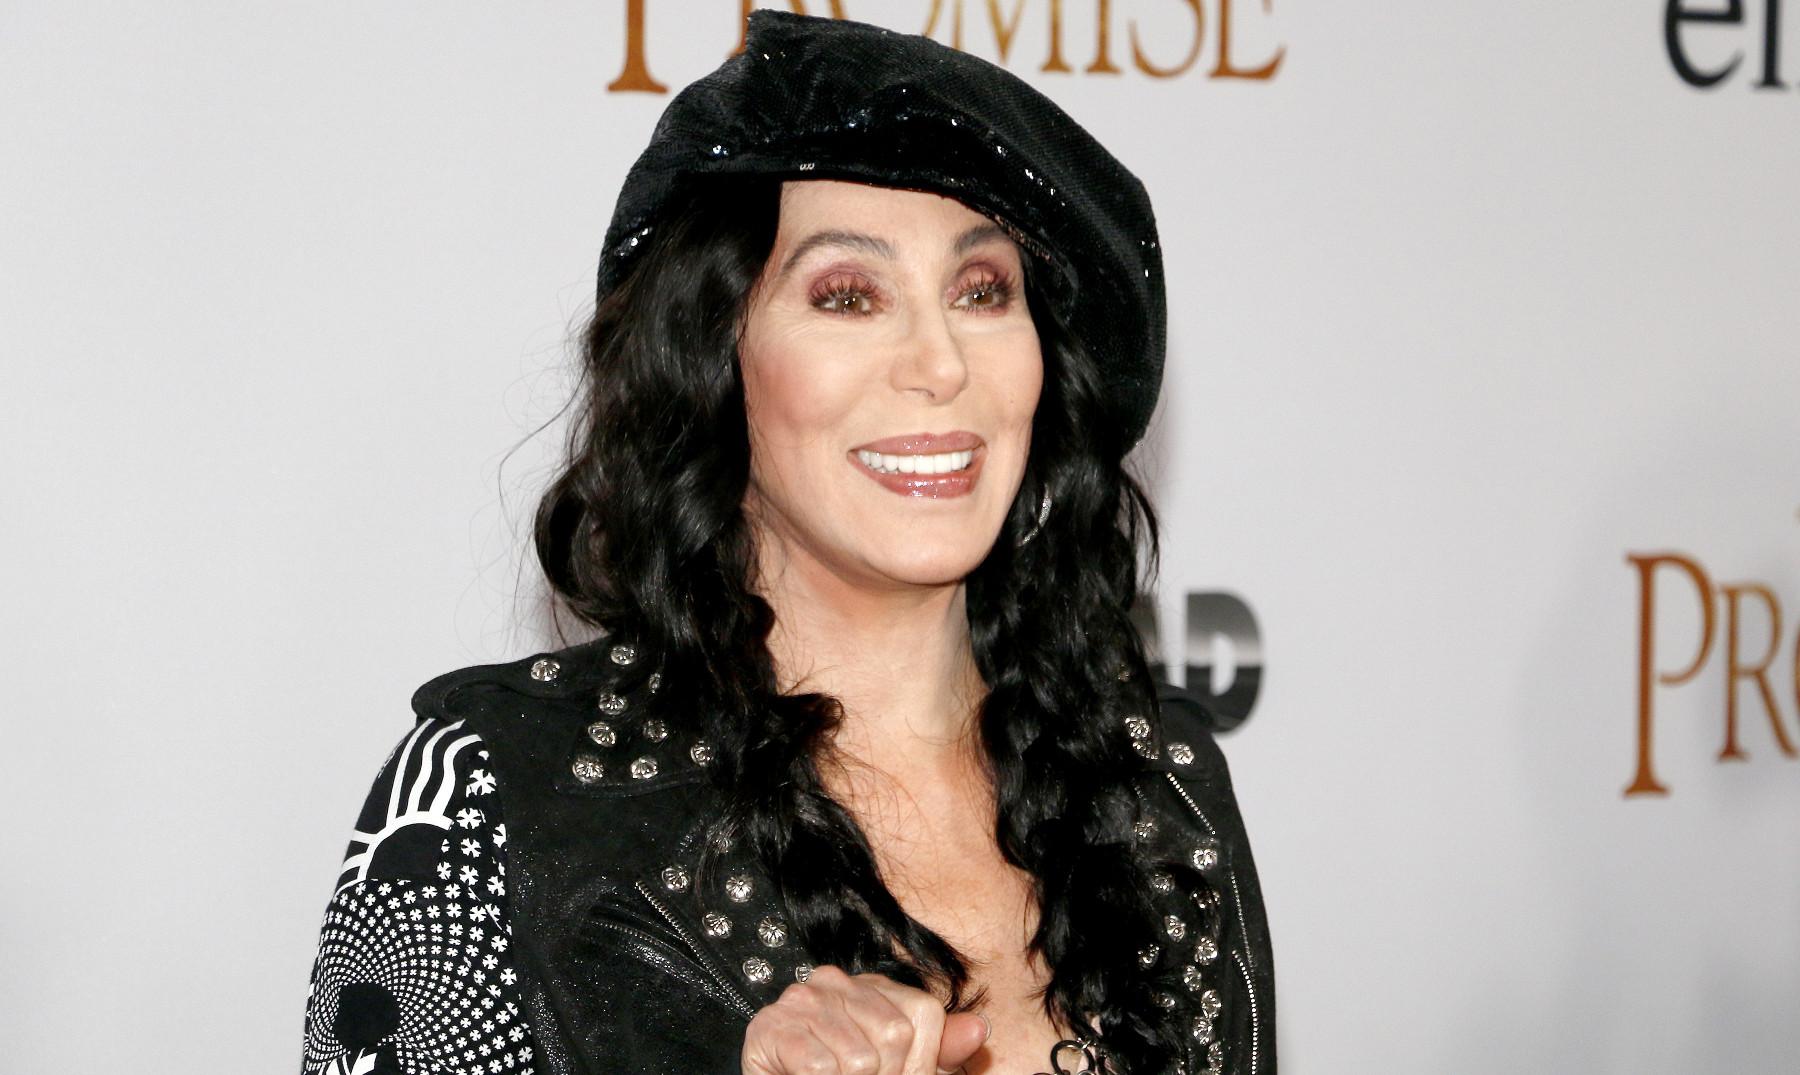 Fotos De Cher 50 frases de cher   la valiente diosa del pop [con imágenes]